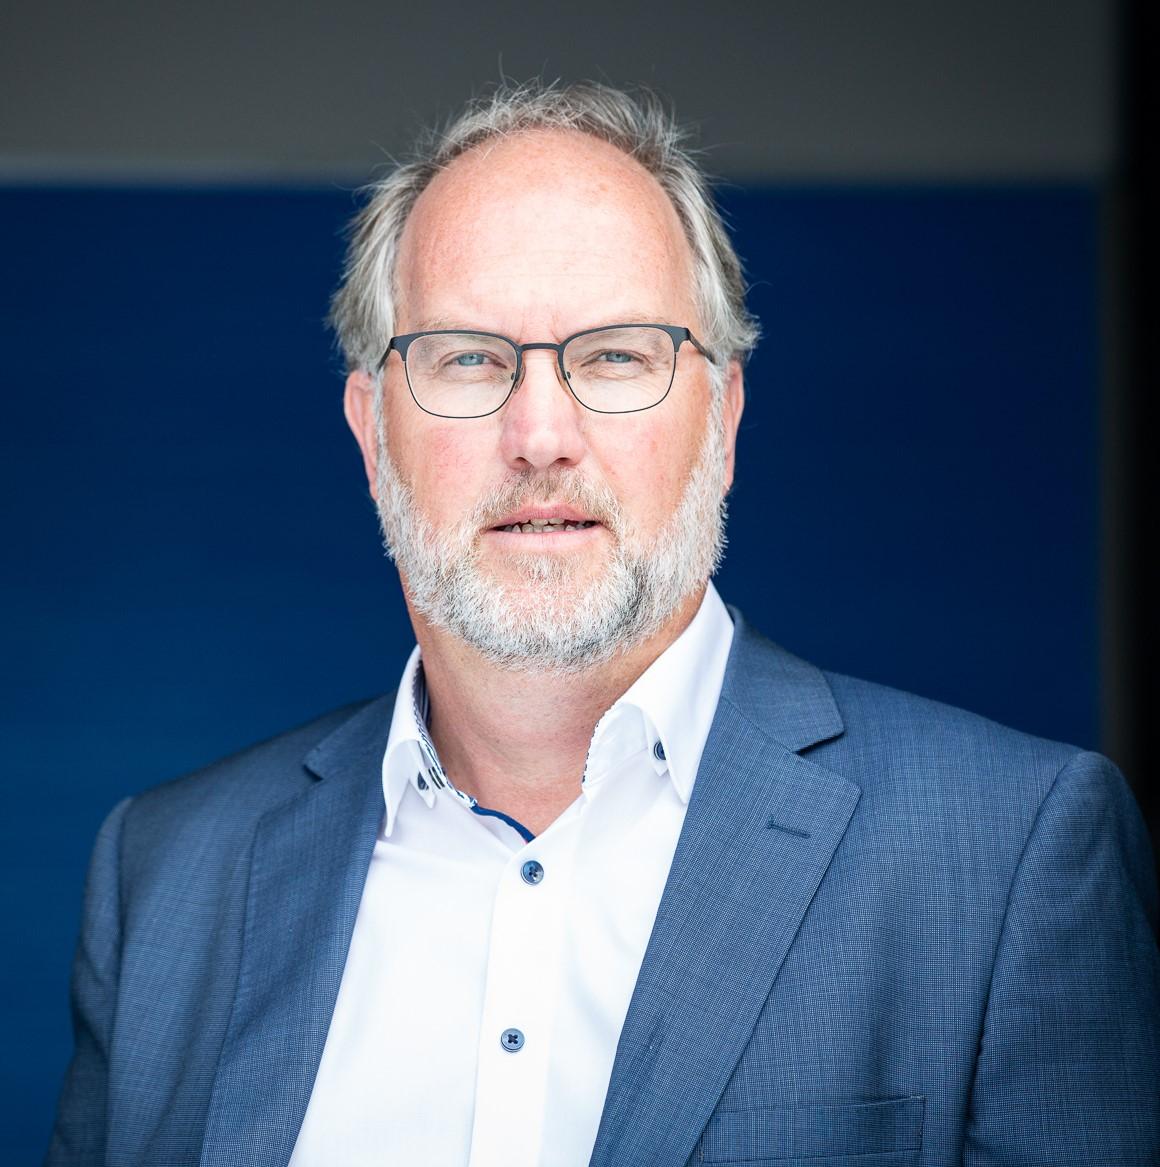 Frans de Vries FLVAviation